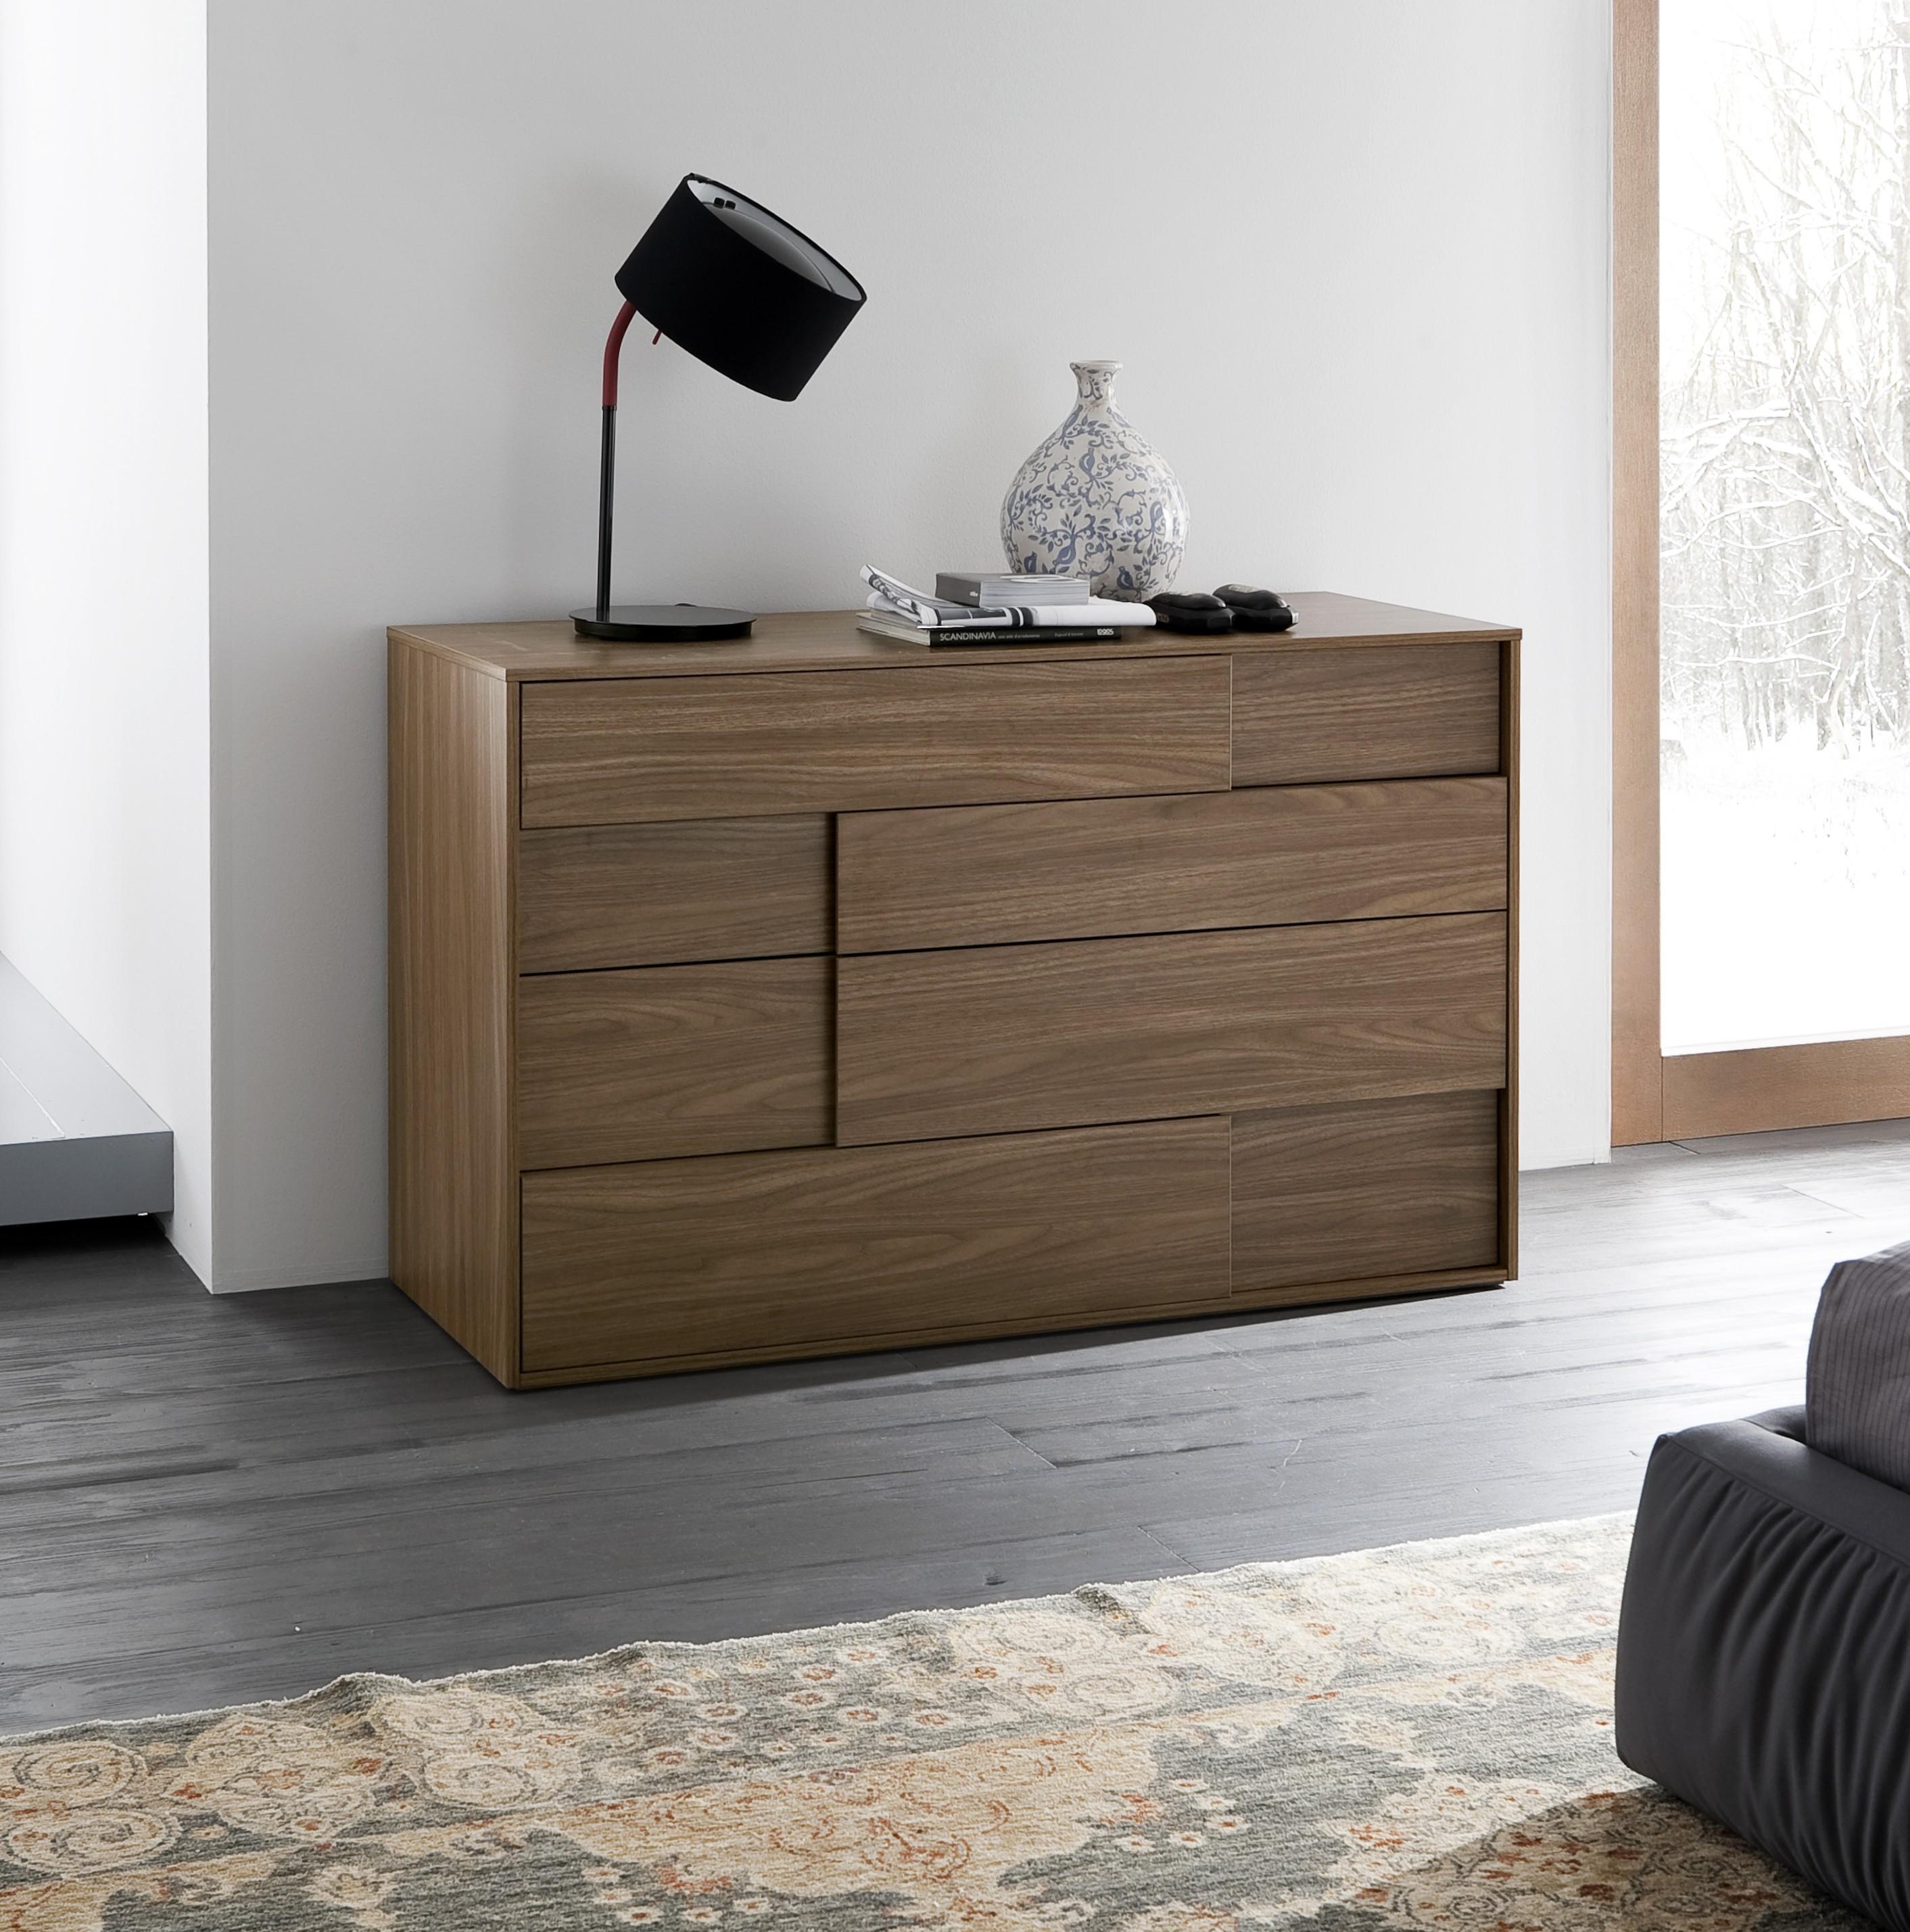 Rossetto square Dresser